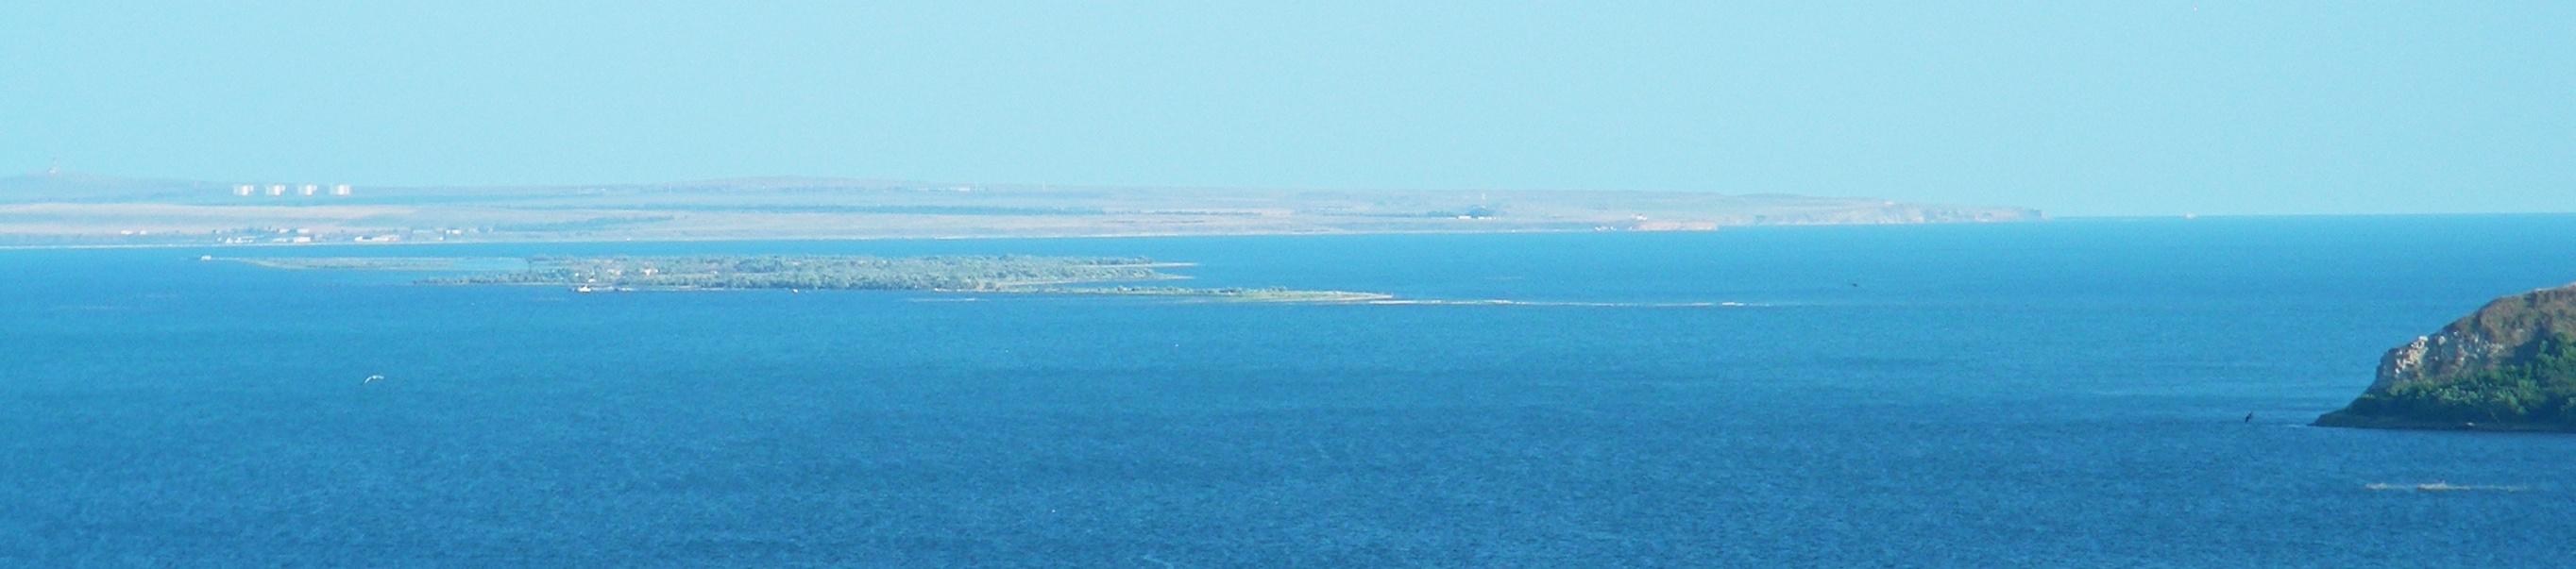 Крупнейший остров — тузла